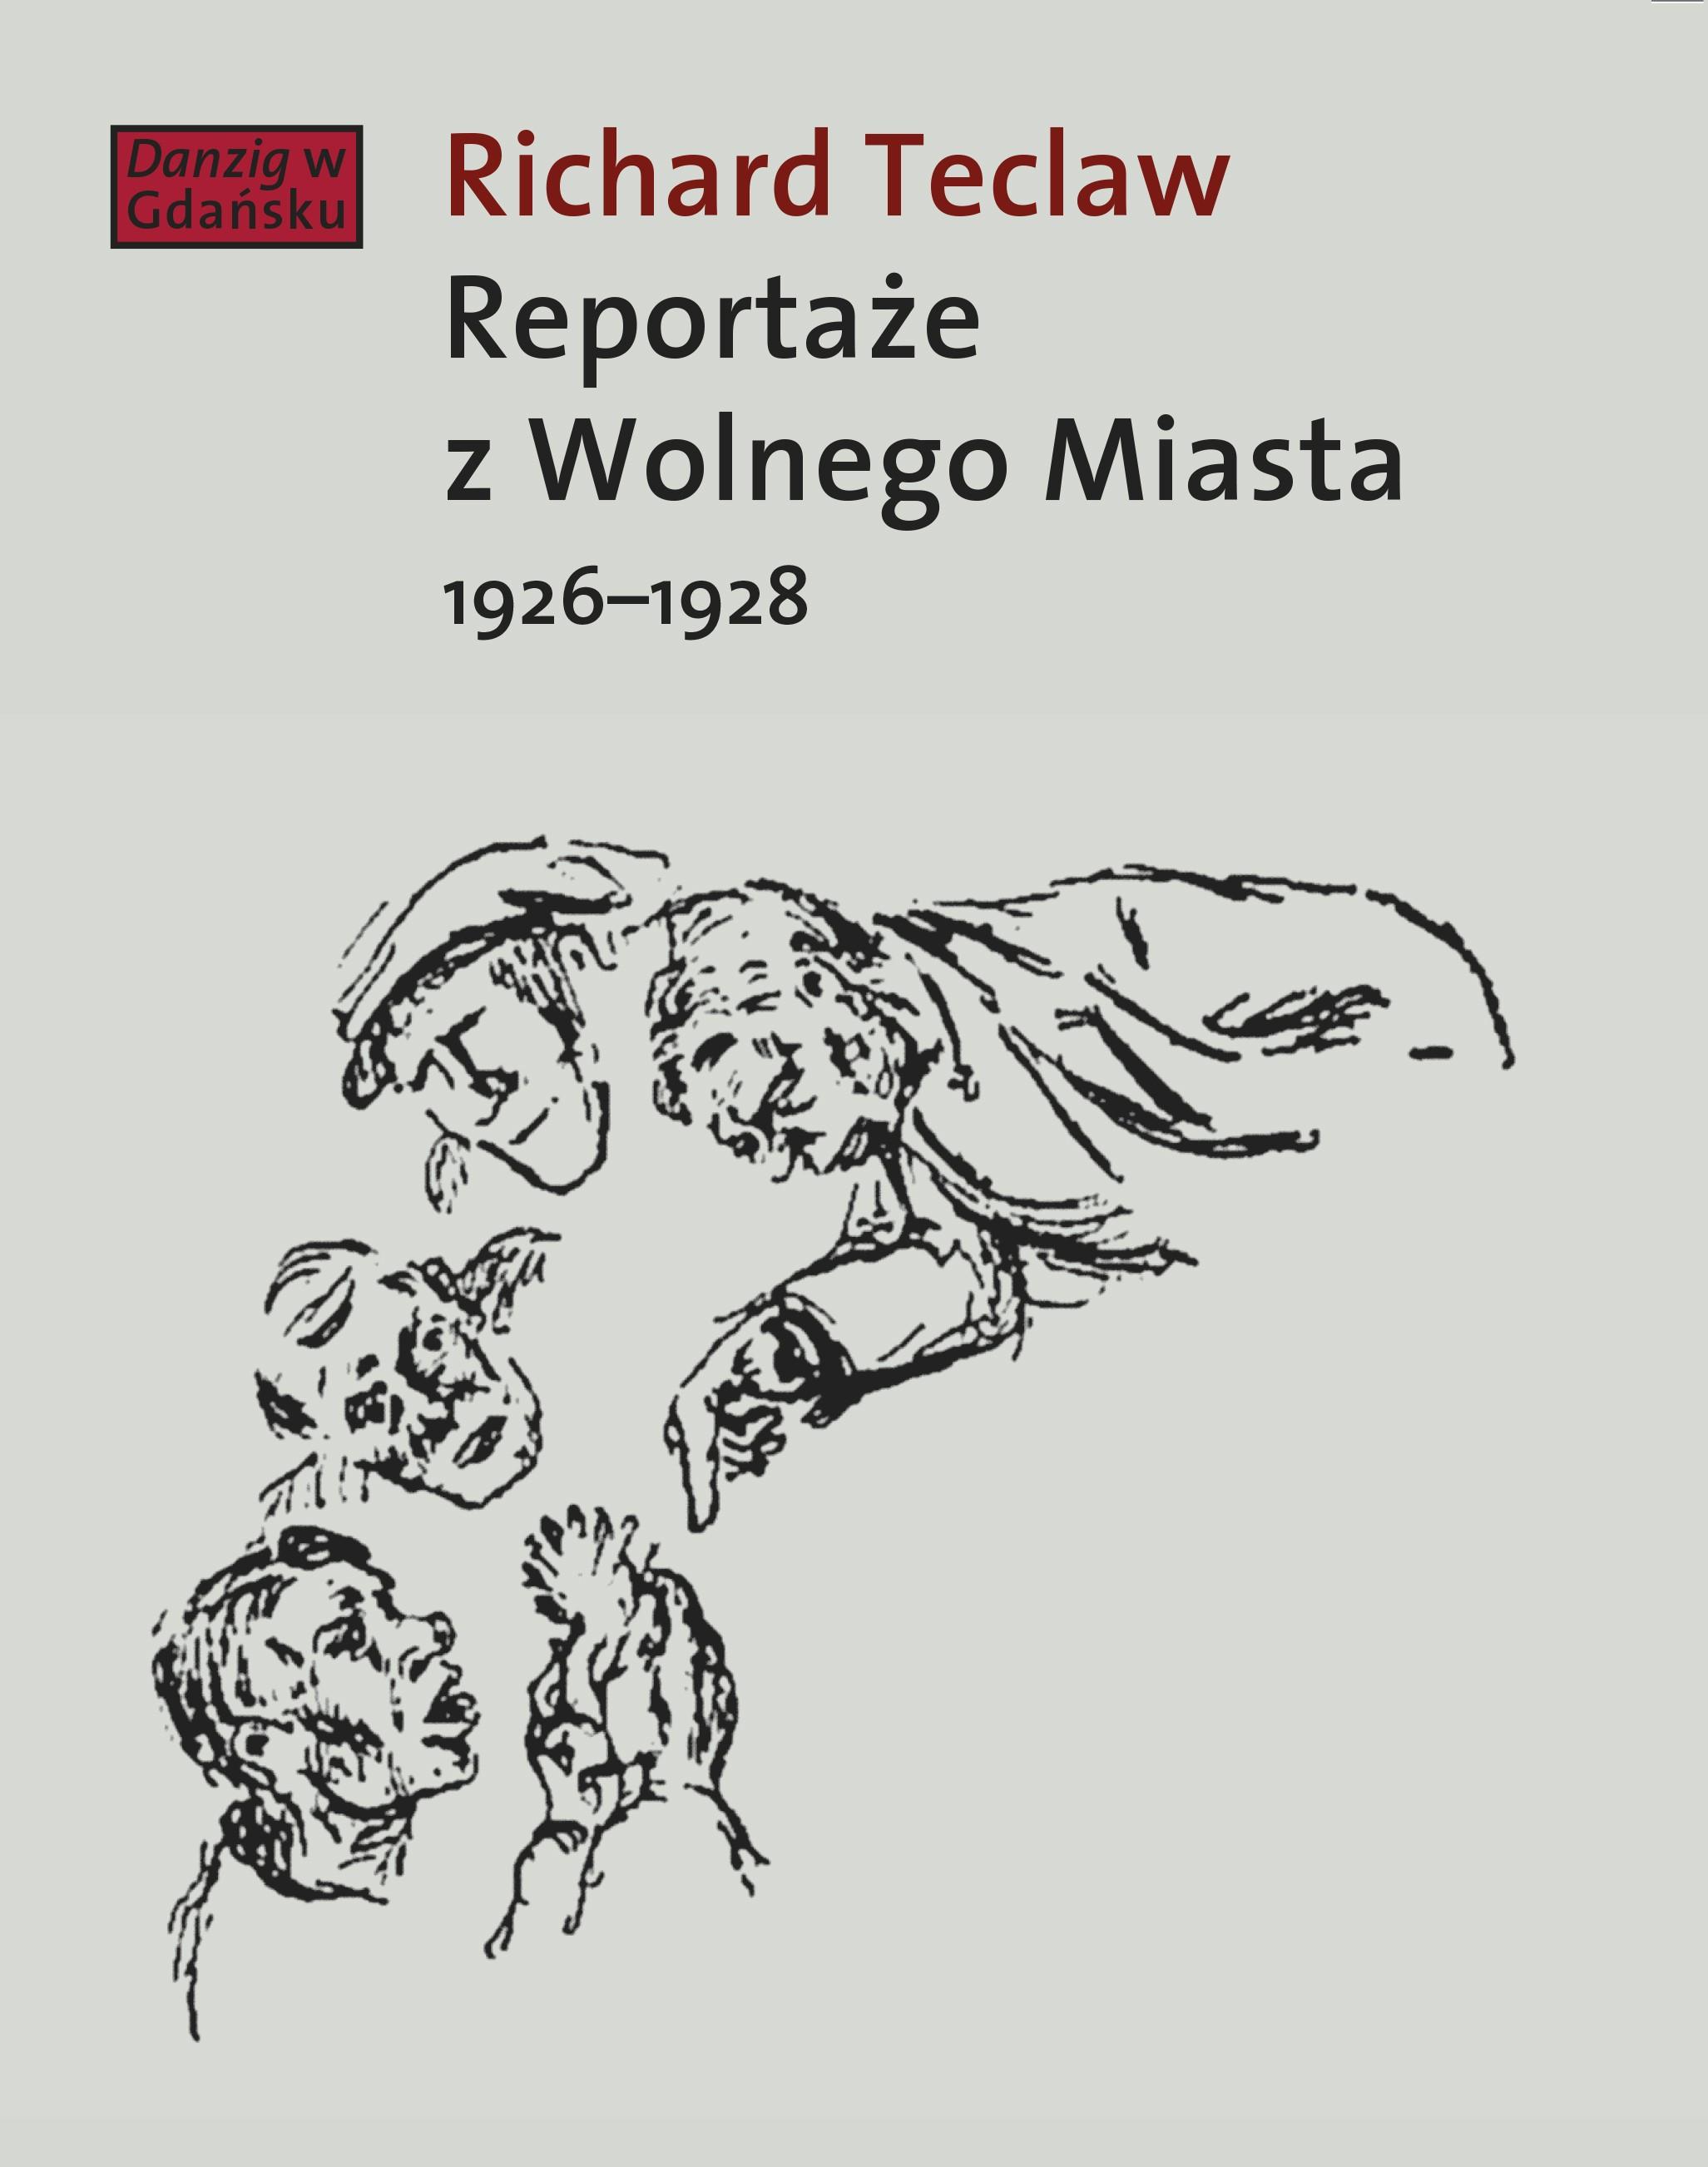 Reportaże z Wolnego Miasta